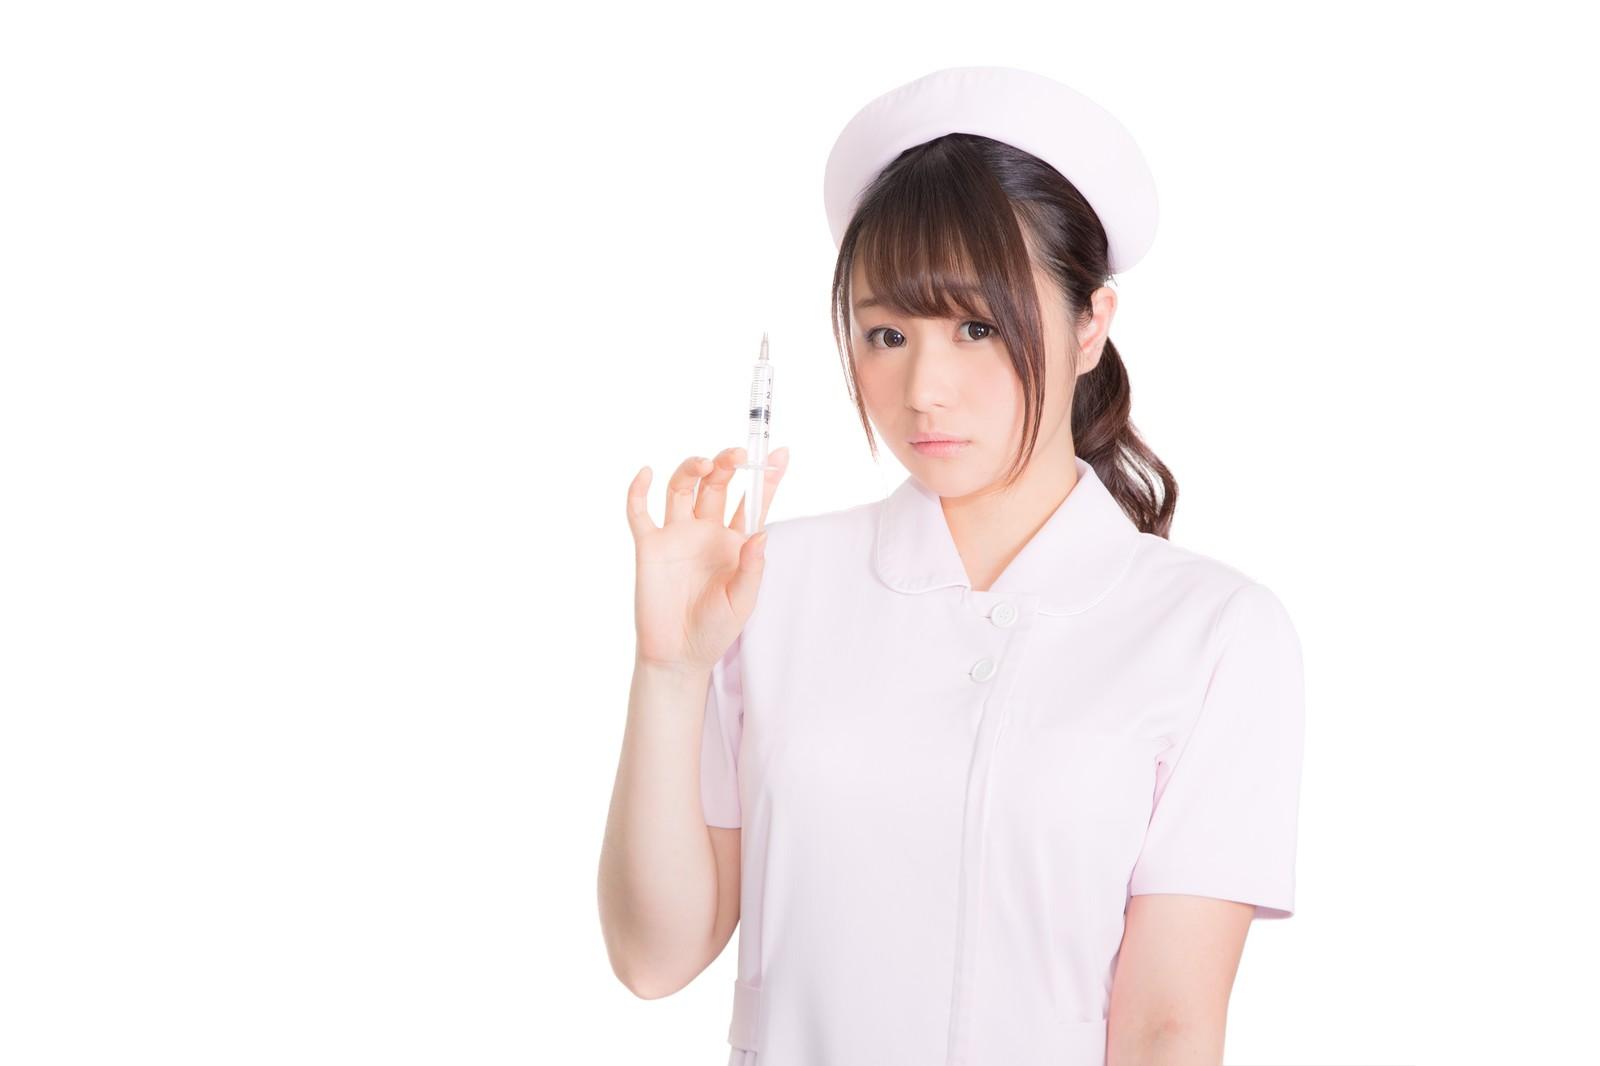 看護師の志望動機を転職に役立てた女性